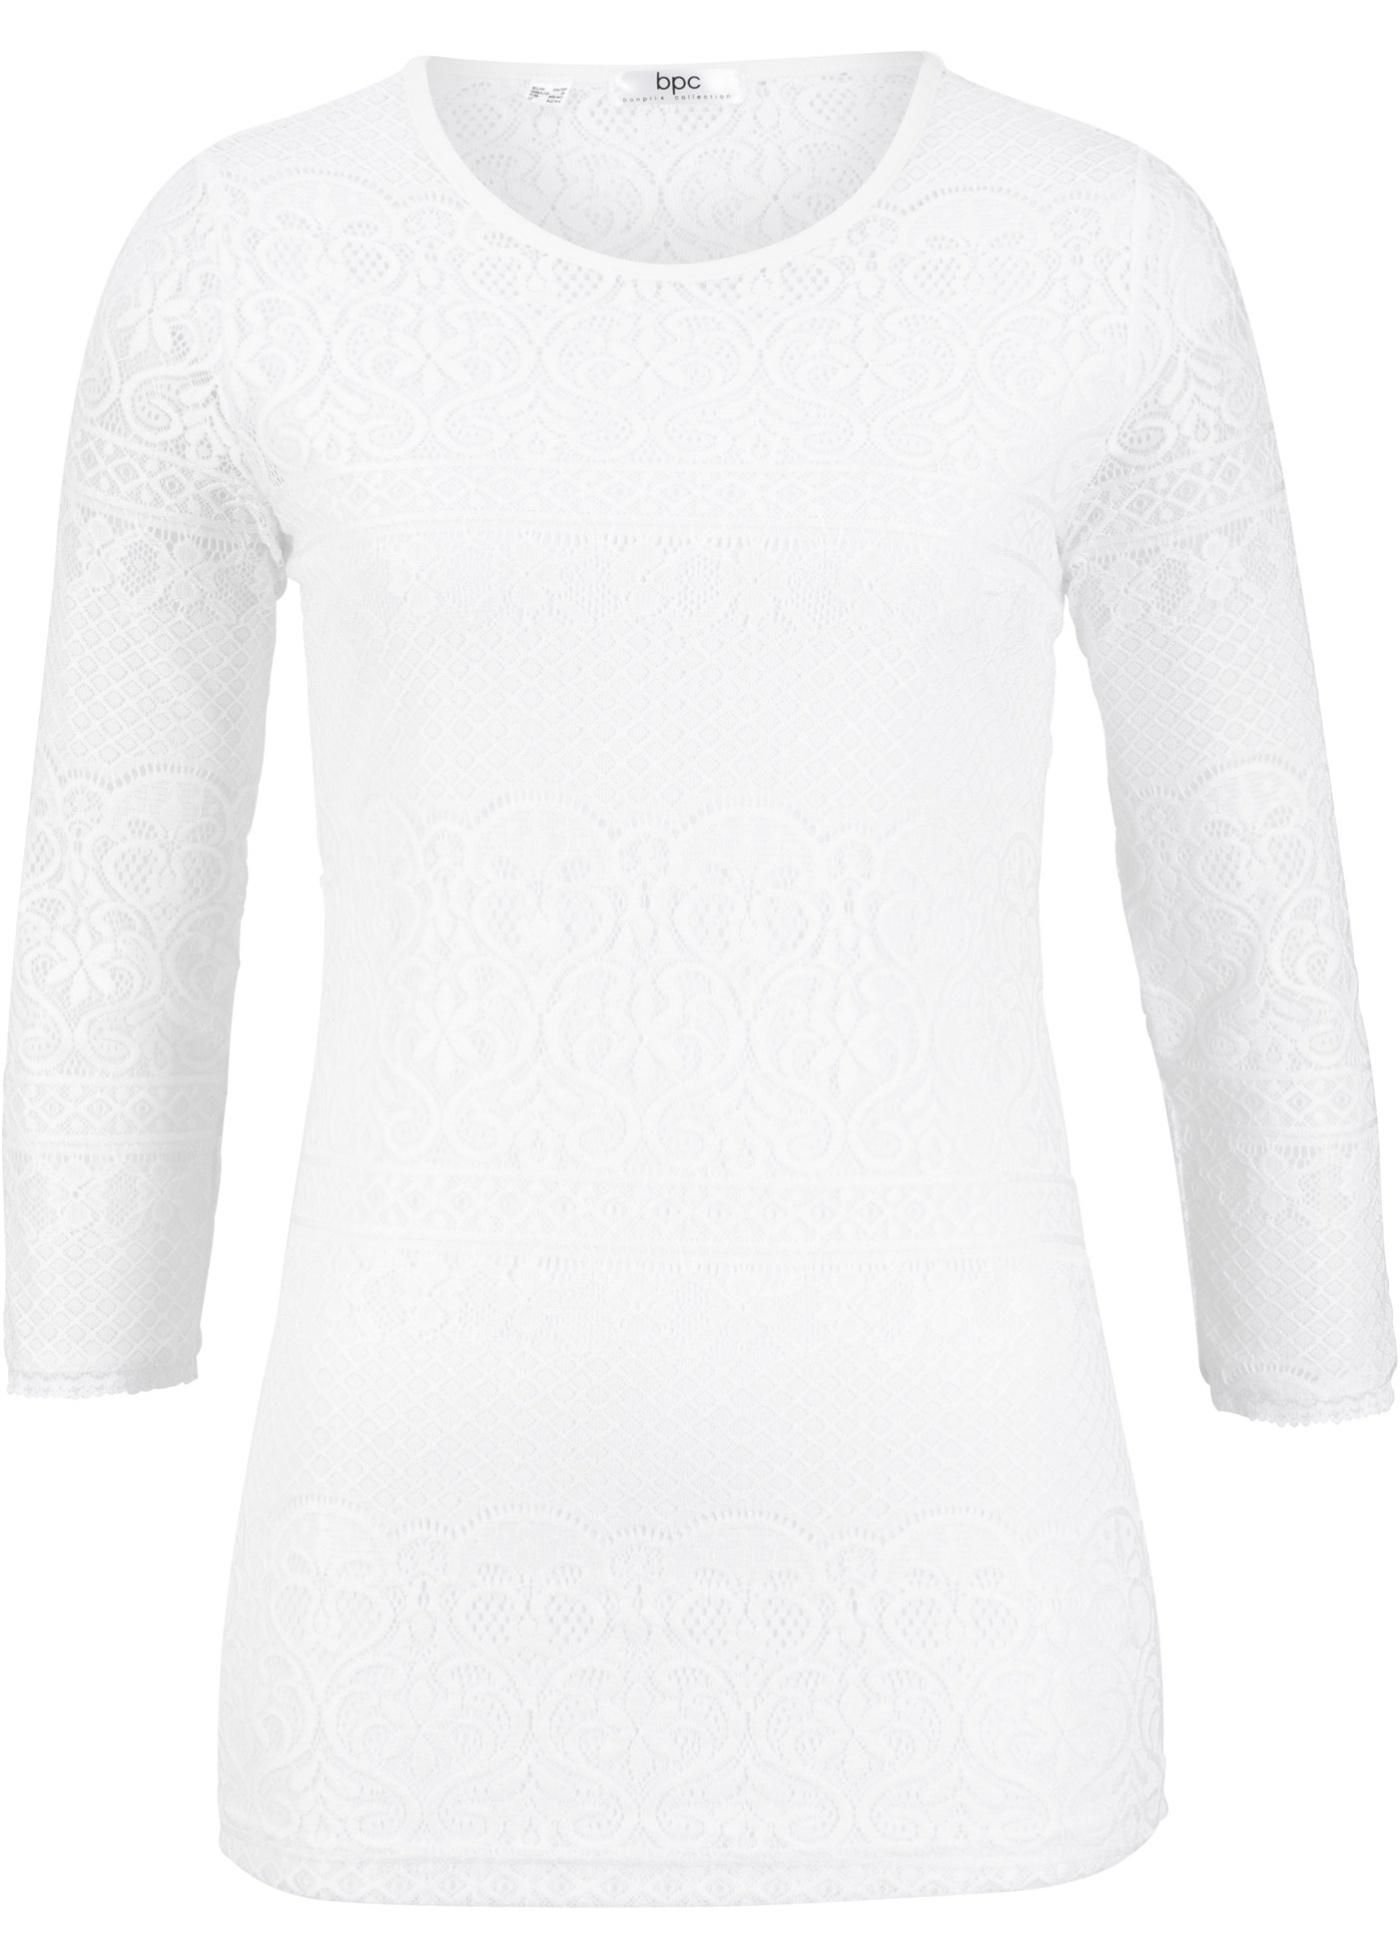 Dentelle Manches shirt Blanc Bonprix Pour 3 CollectionT Femme 4 Bpc En POkZuTwXi